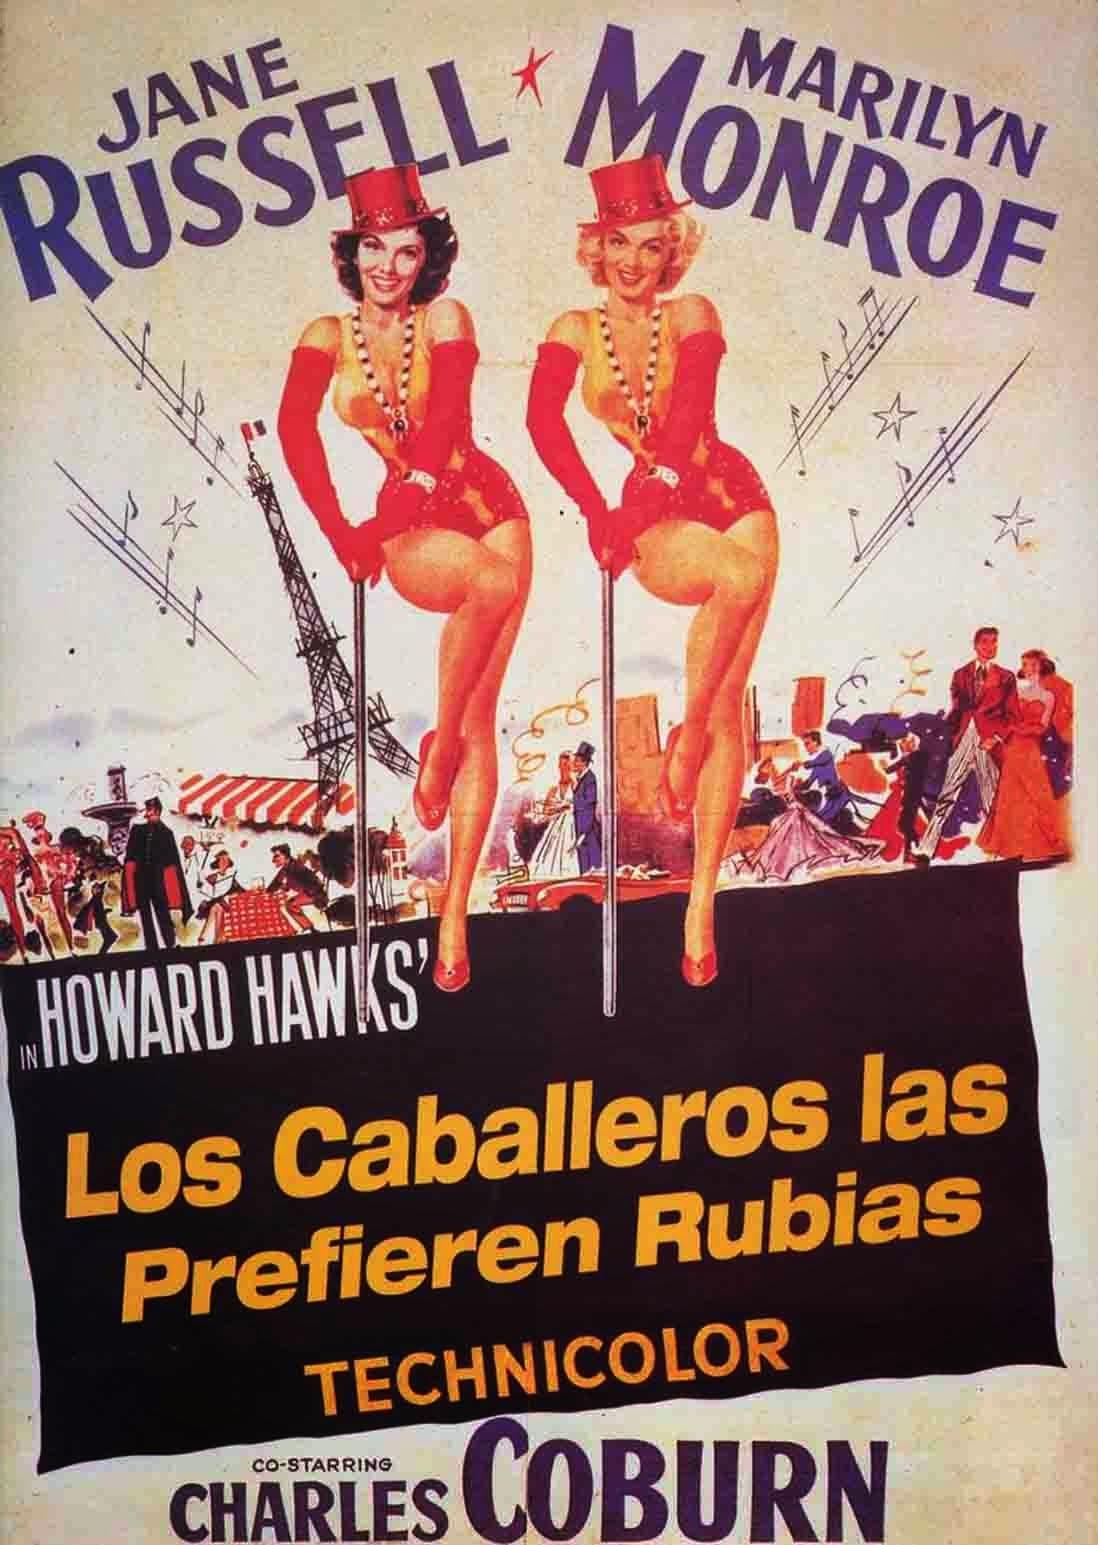 Blondes, rubias, Hawks